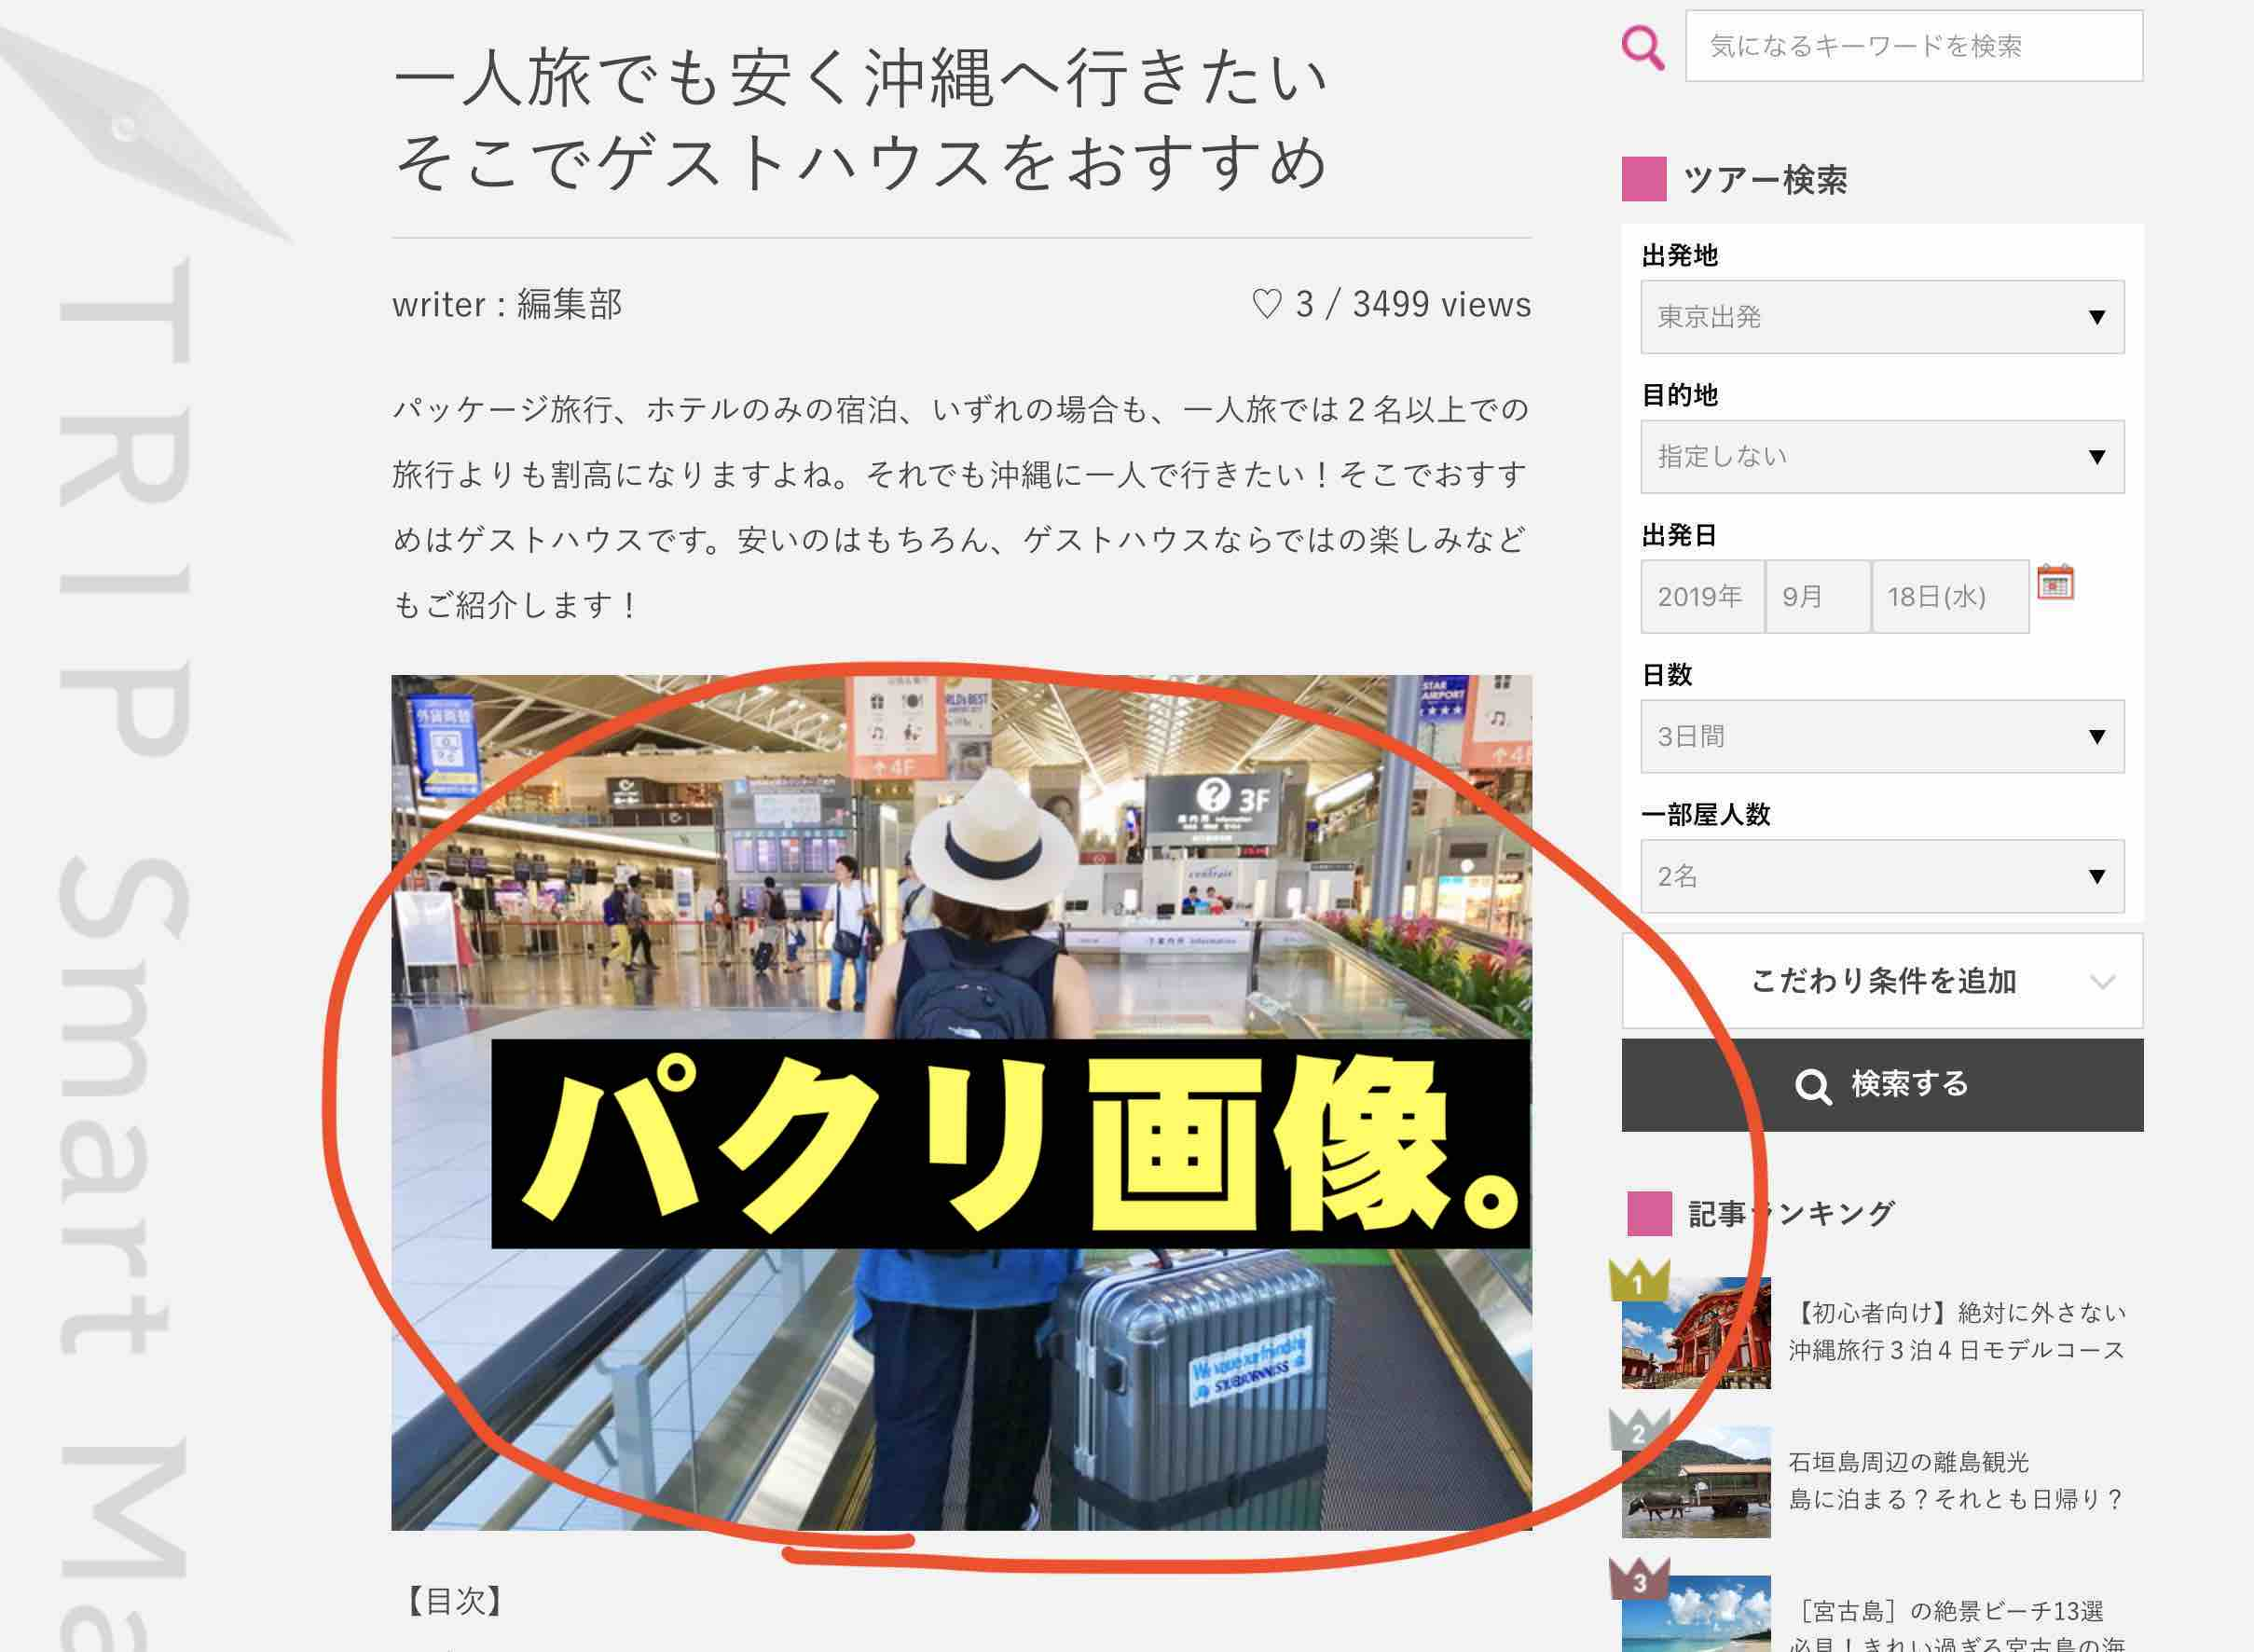 競艇ジャックポット(JACKPOT)という競艇予想サイトの画像は、他サイトからの無断使用?